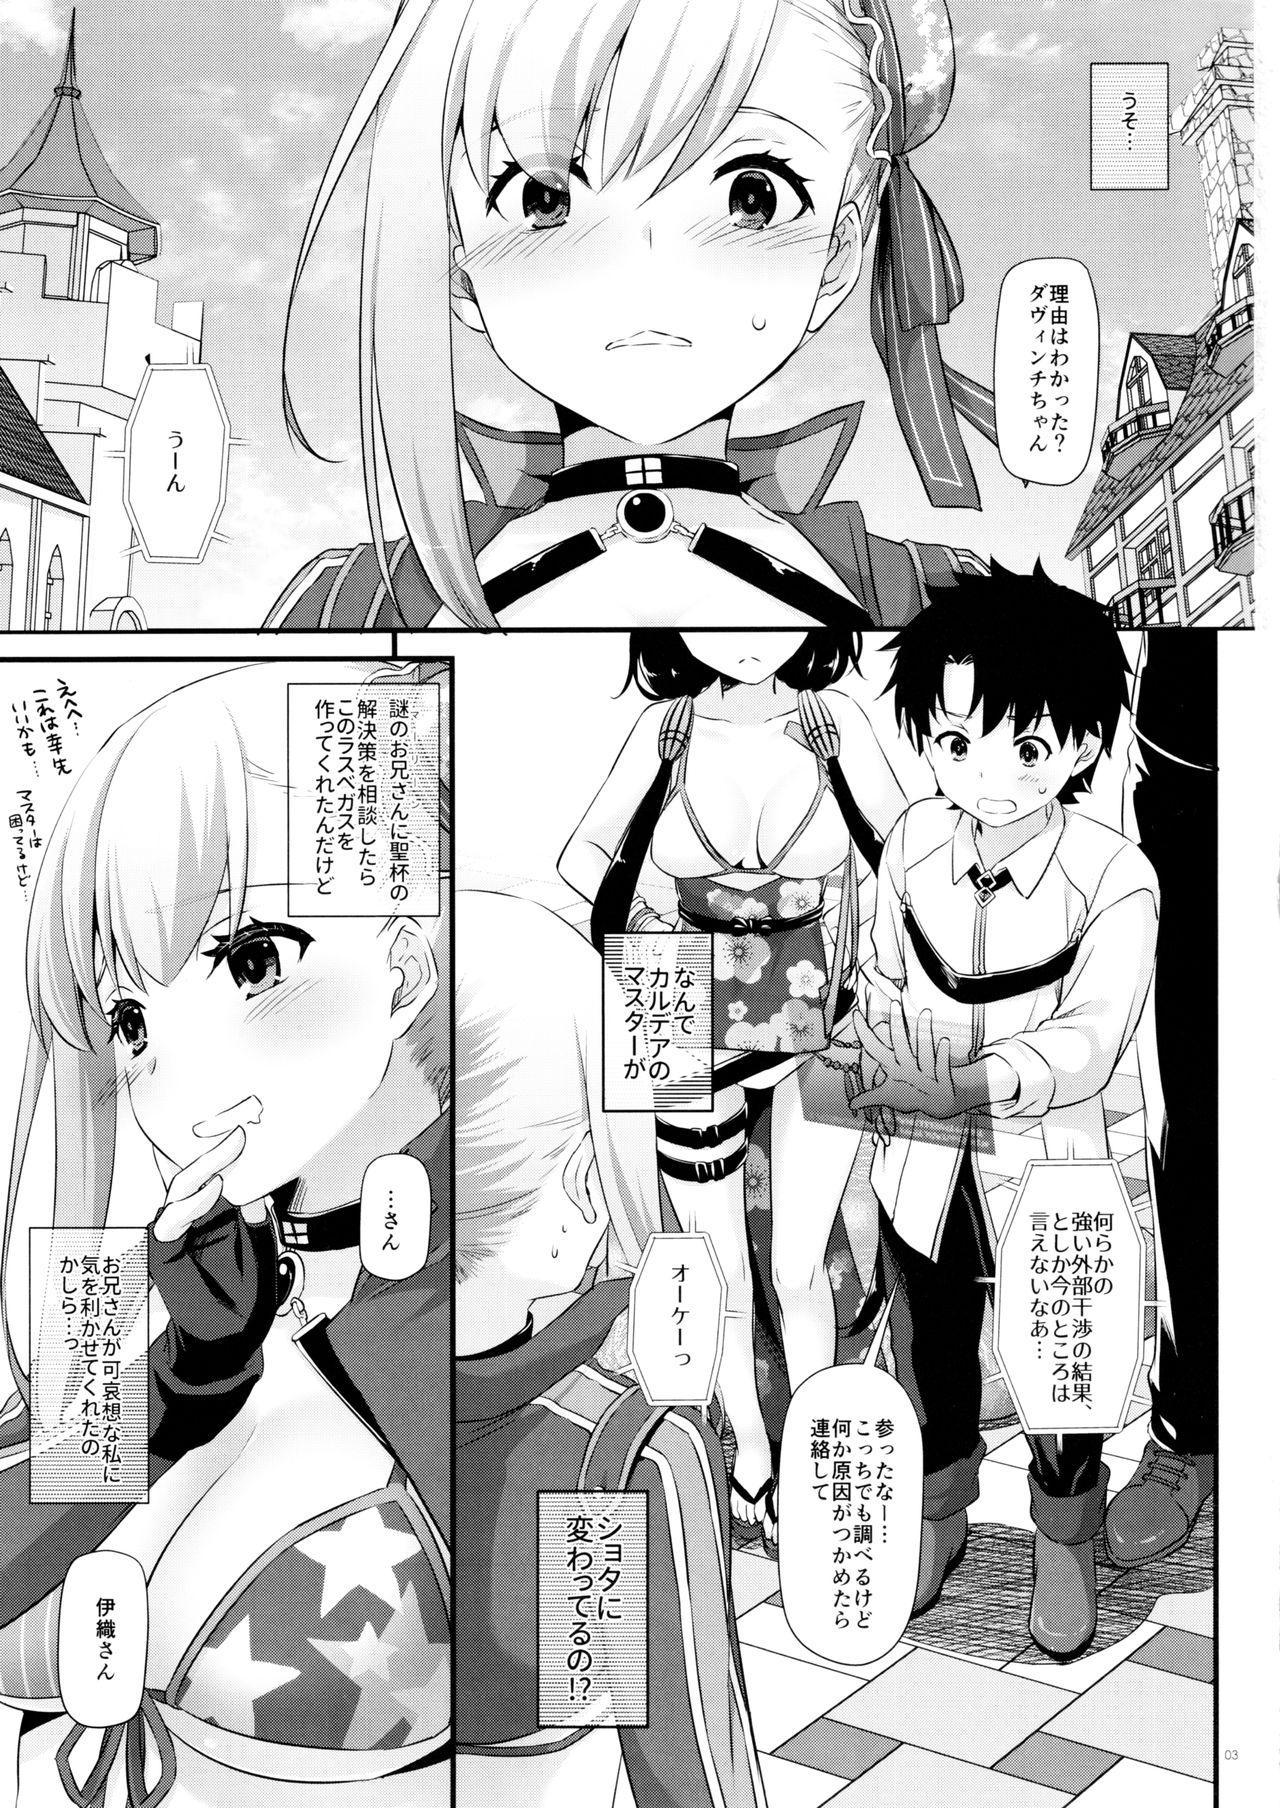 D.L. action 127 Musashi-chan no Mizugi Kengou Irogoto Shoubu 1